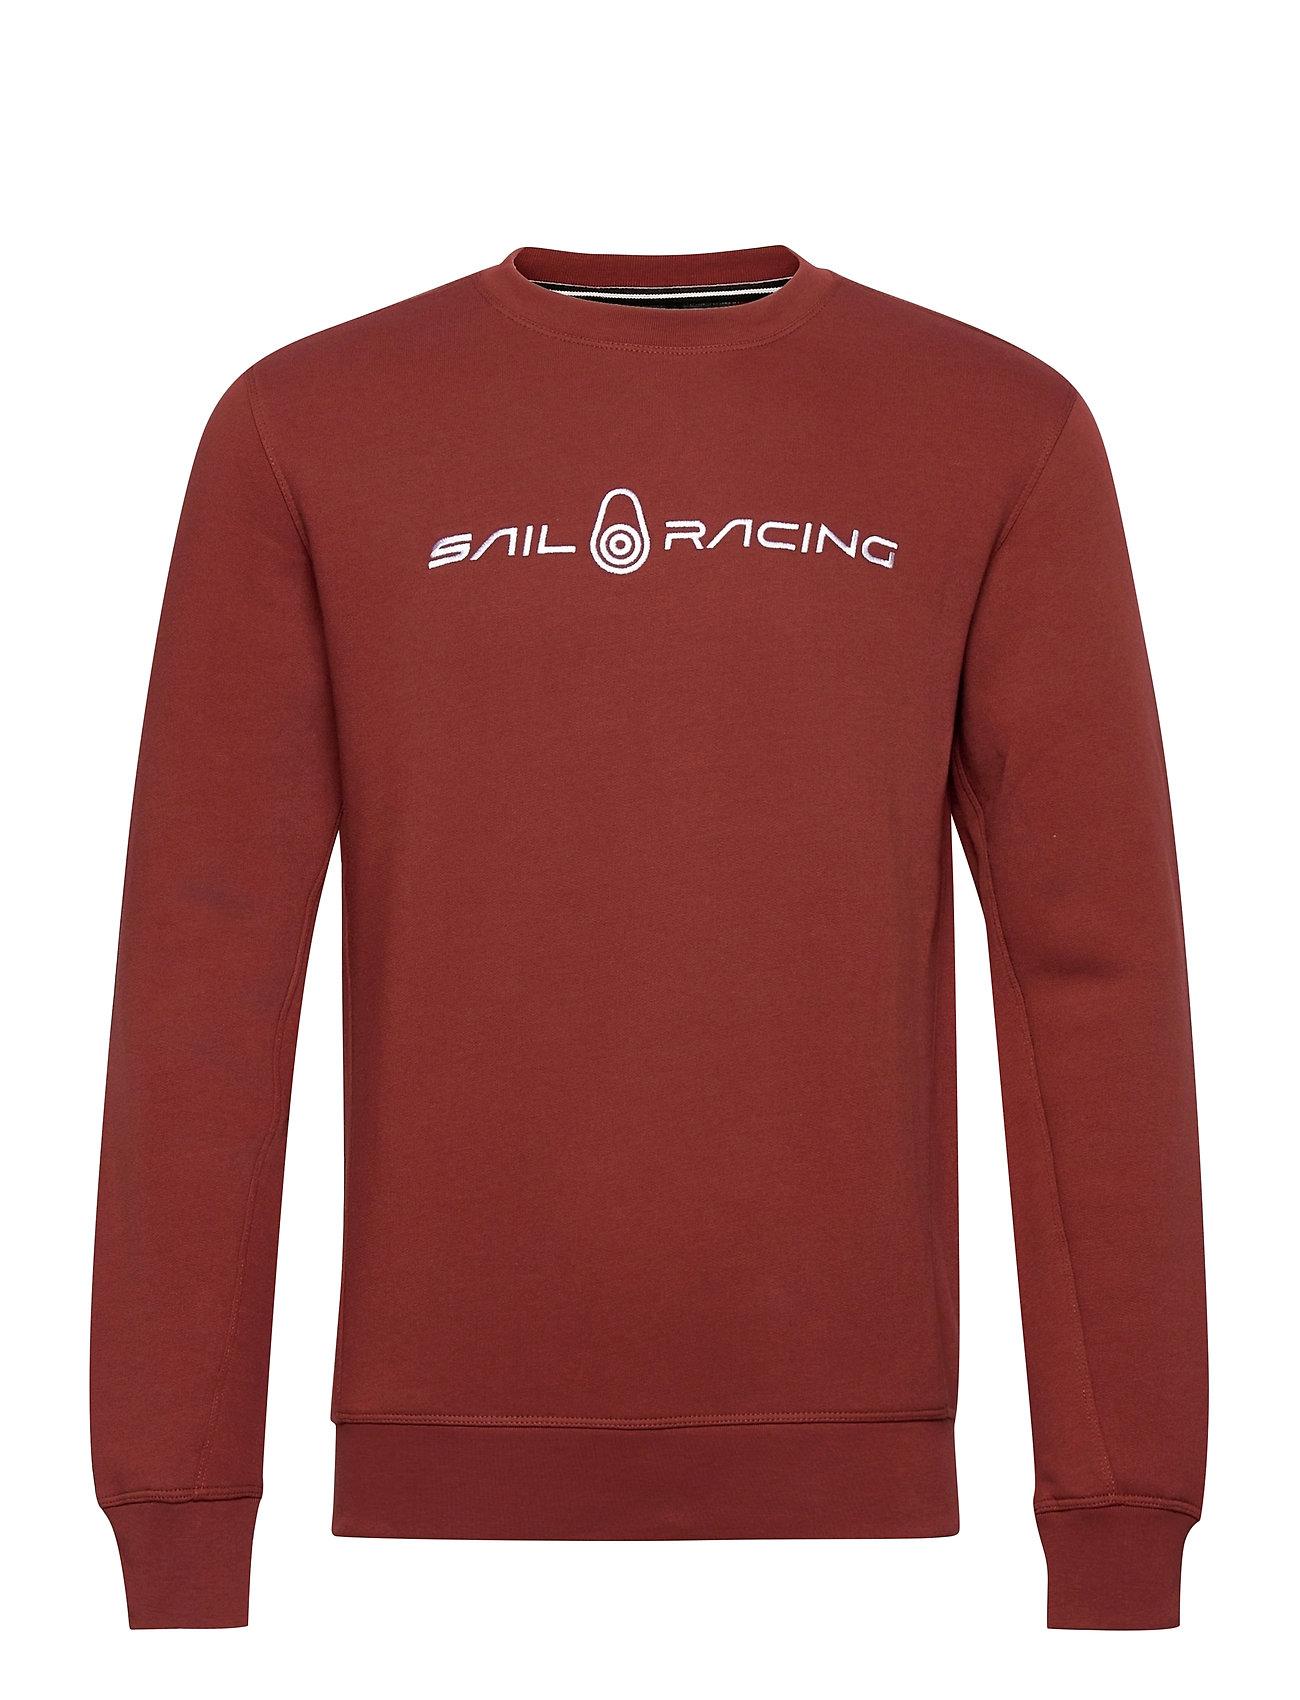 Bowman Sweater Sweatshirt Trøje Rød Sail Racing